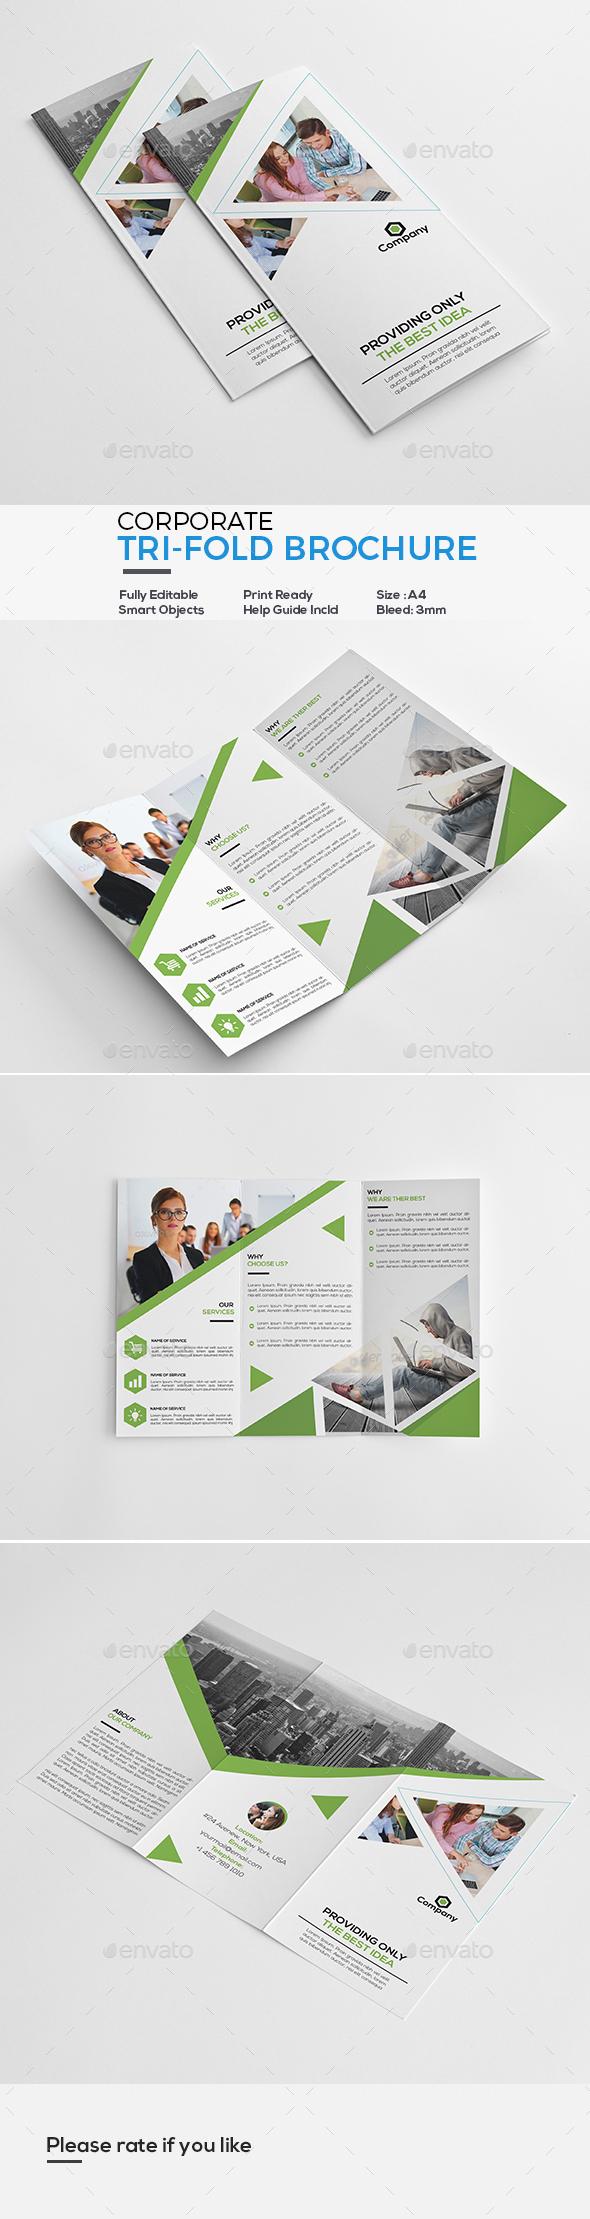 GraphicRiver Corporate Tri-Fold Brochure 21078526